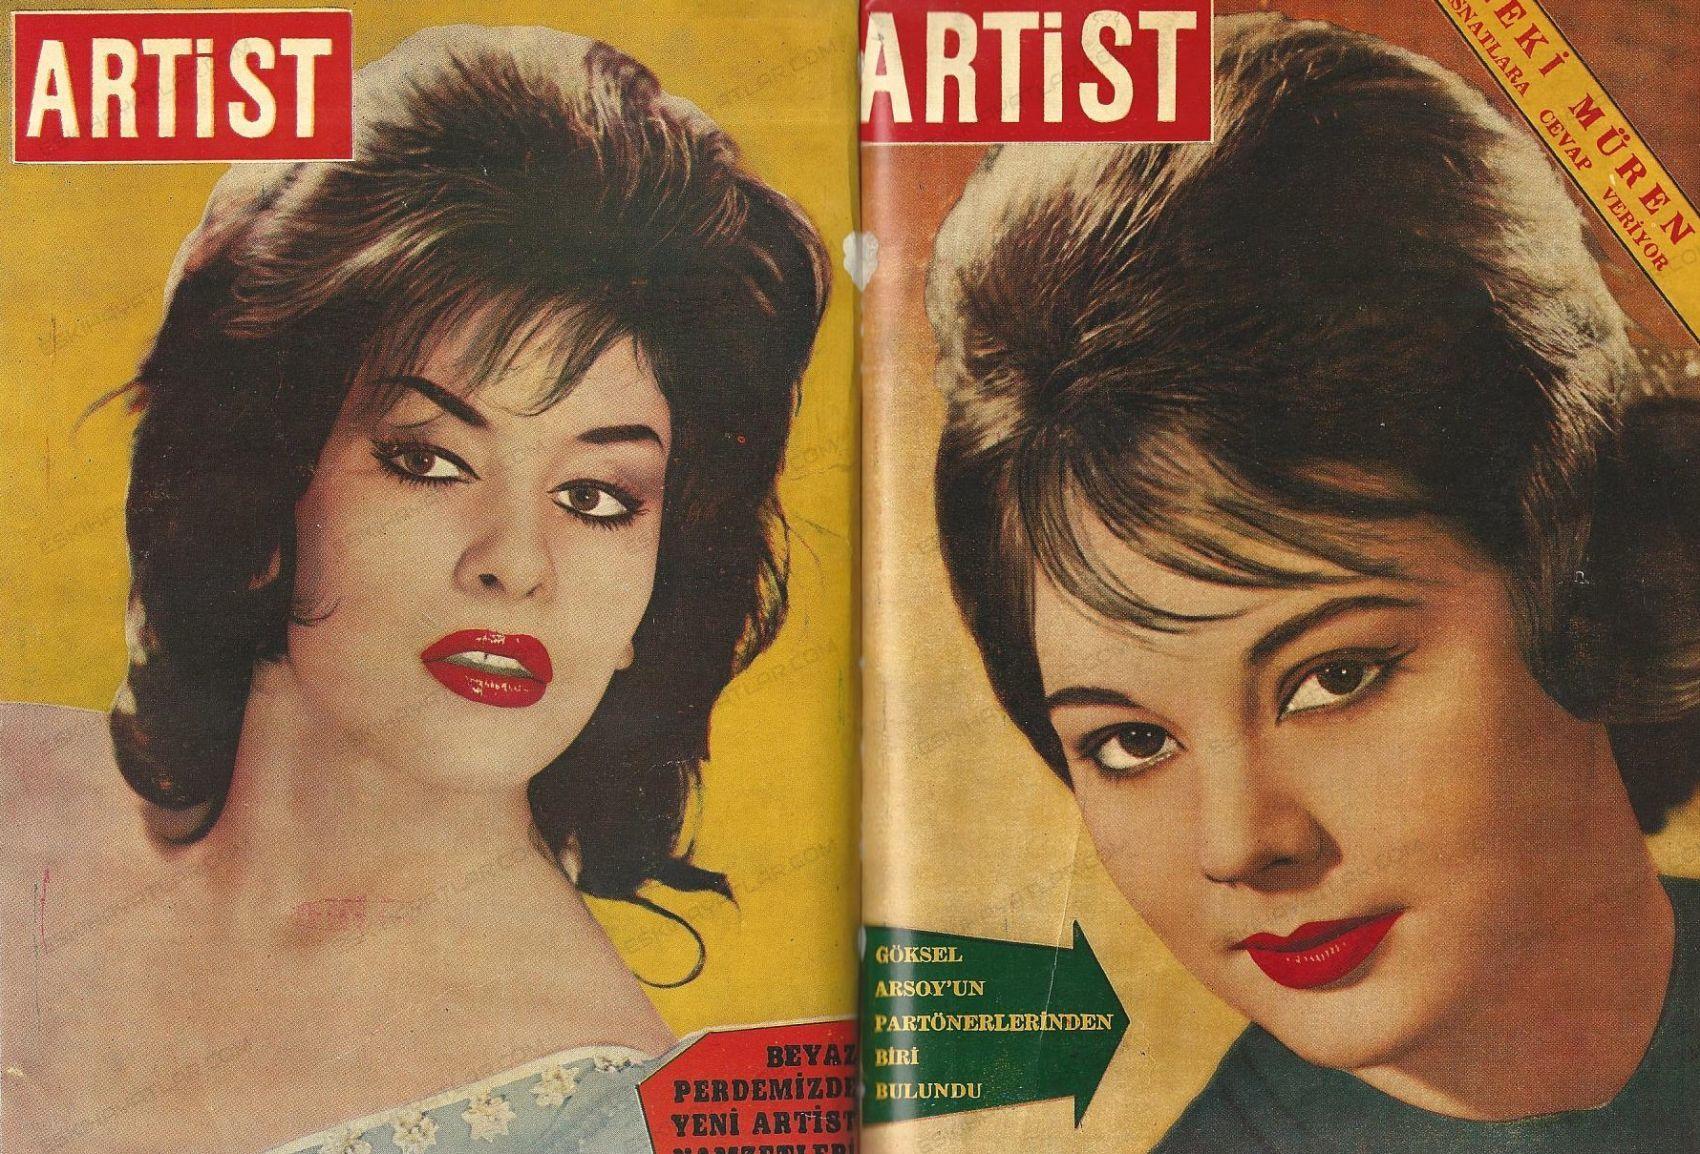 0489-artist-dergisi-1962-yili-dergi-kapagi